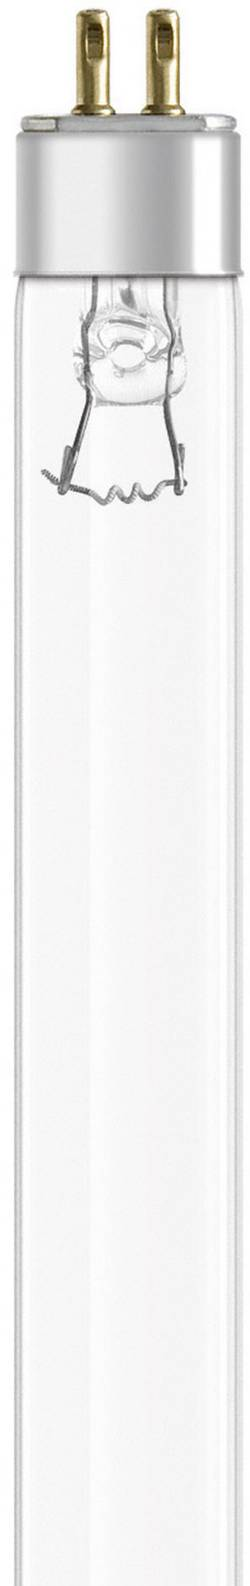 Bakteriedödande lampa OSRAM HNS 8W G5 25X1 T5 / G5 8 W (ØxL) 16 mmx288 mm 56 V 1 st